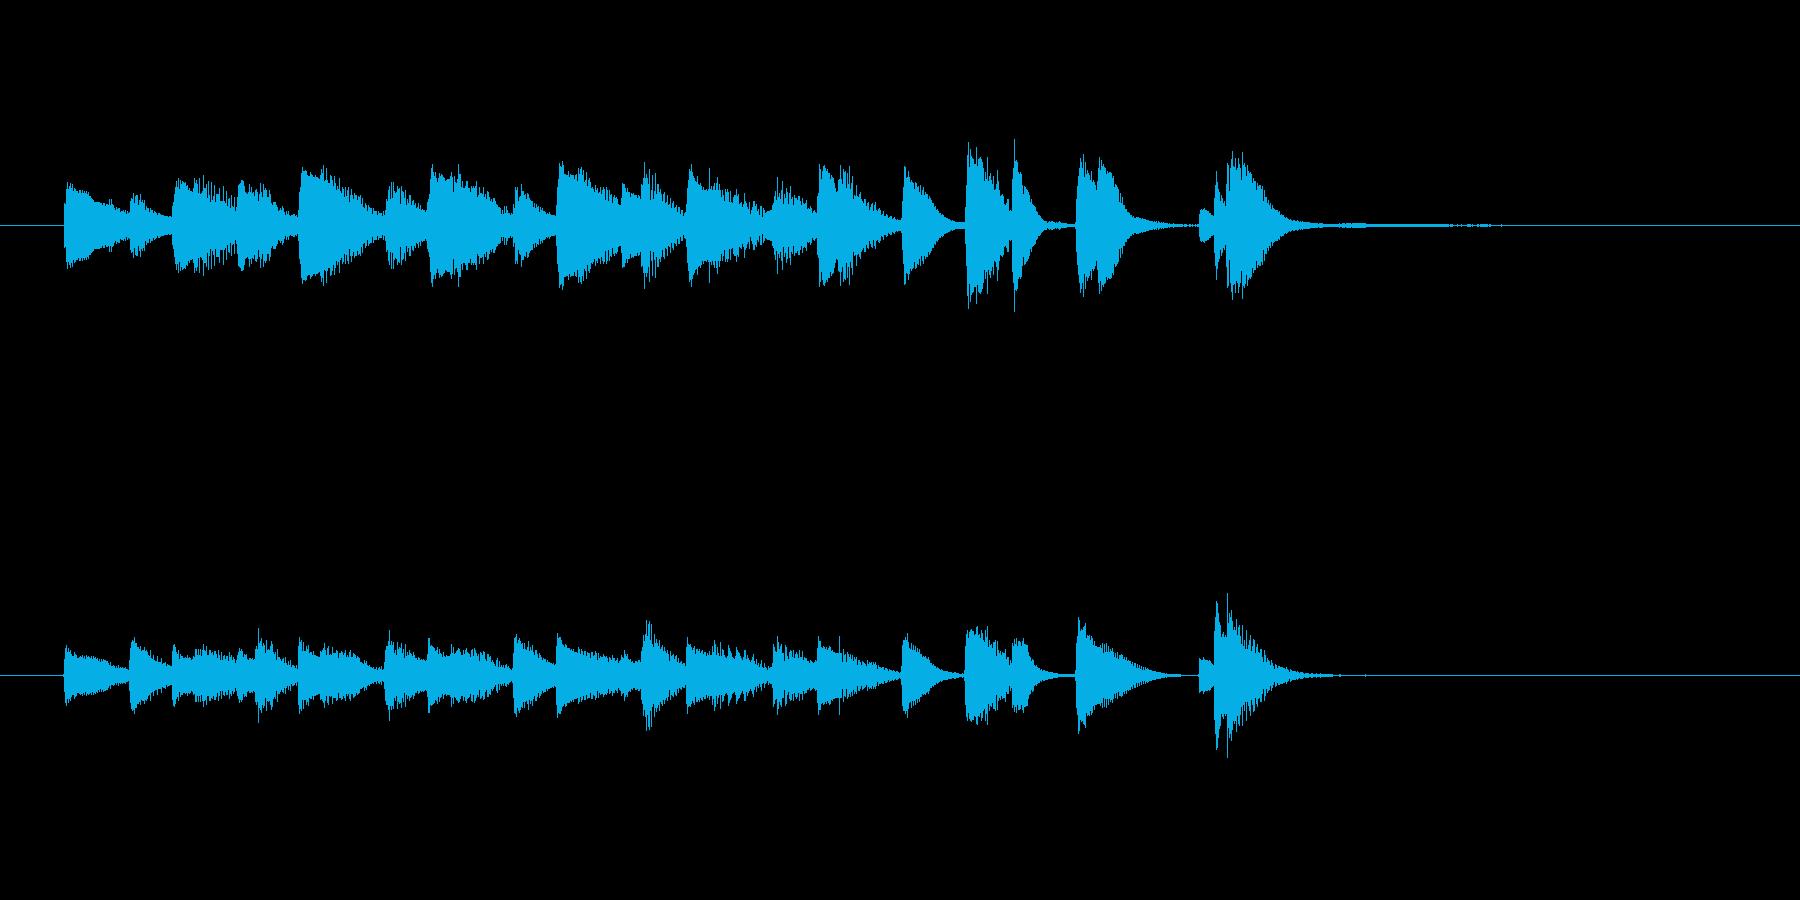 ジャズピアノ、軽快、おどけた、ジングル1の再生済みの波形